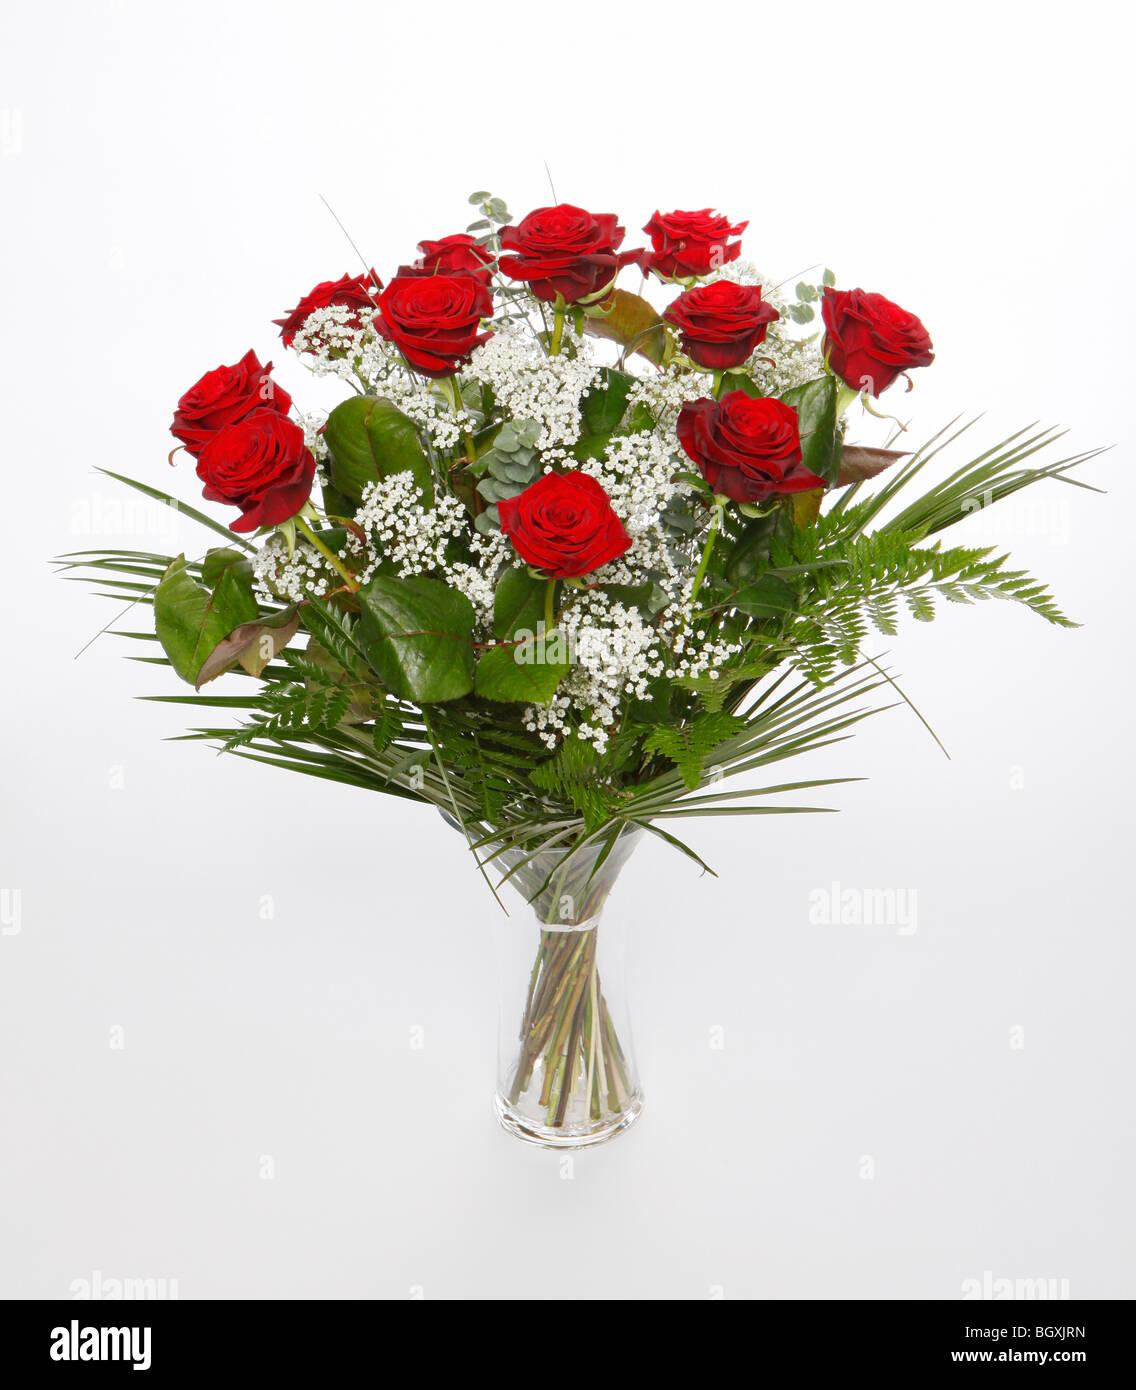 Une douzaine de roses rouges pour la Saint Valentin. Des fleurs sur un fond blanc Photo Stock